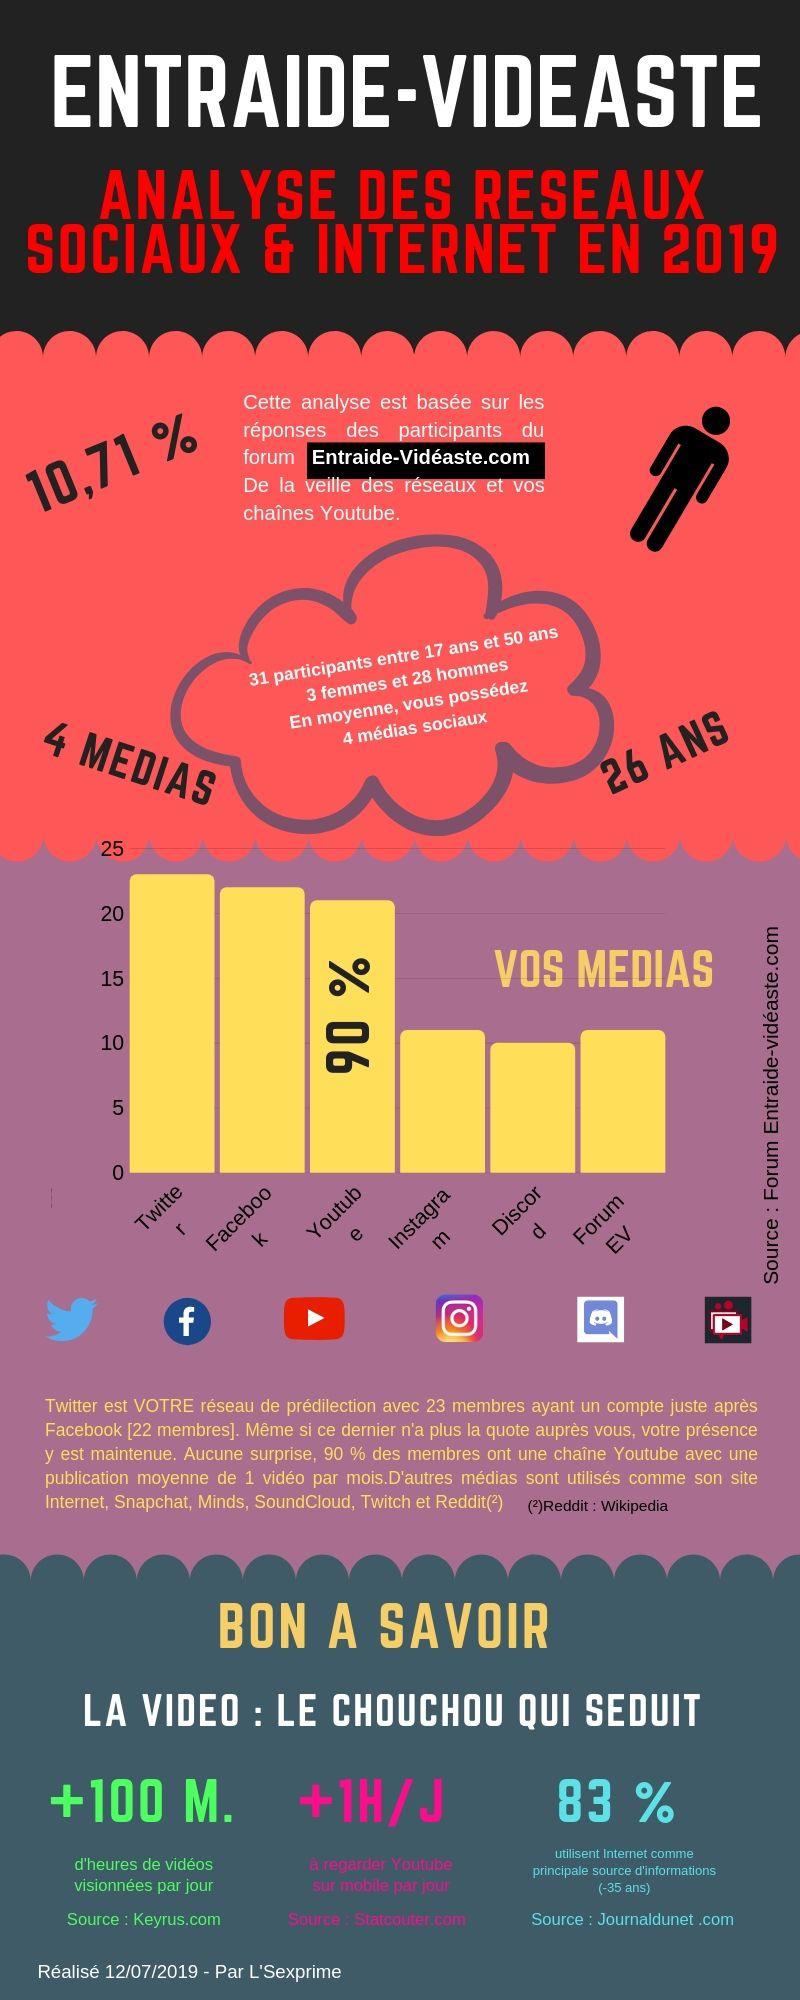 INFOGRAPHIE : LES MEDIAS SOCIAUX ET VOUS ! 112